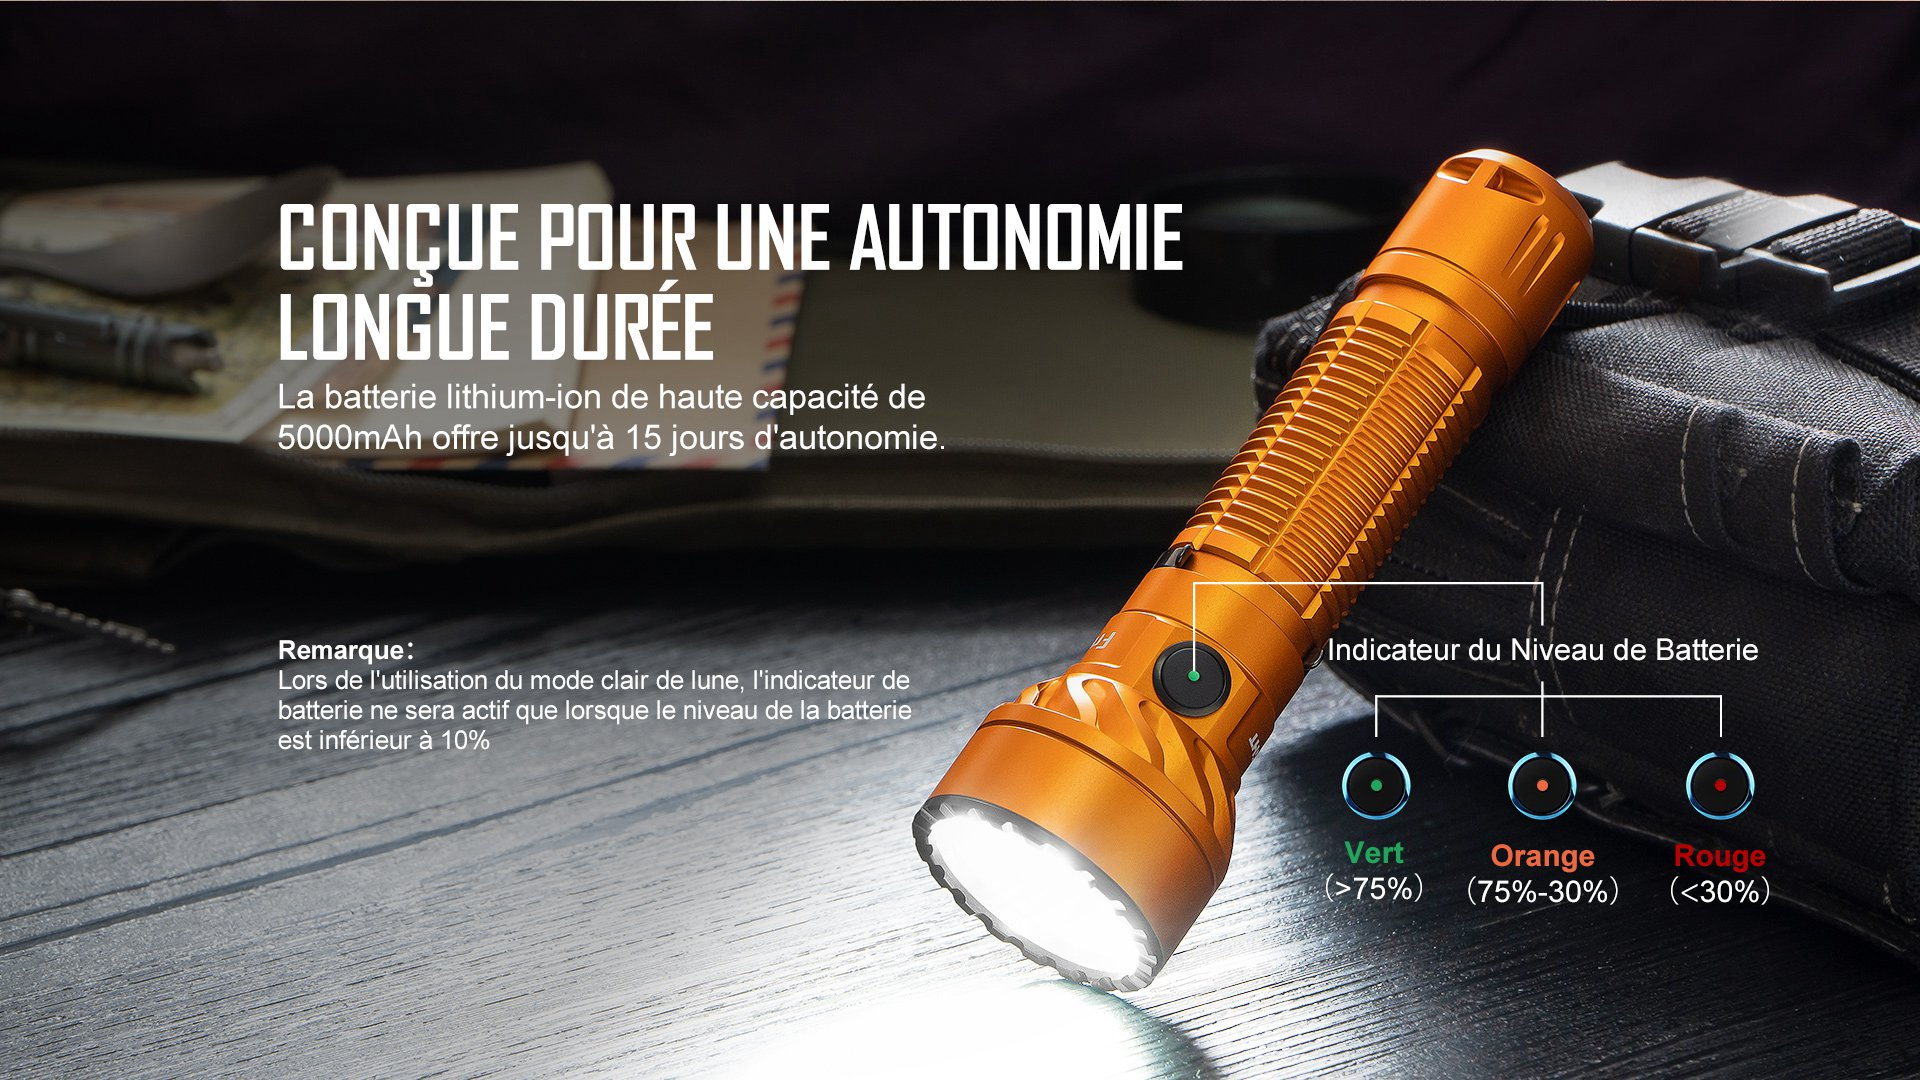 Lampe torche rechargeable au lithium-ion 5000mAh